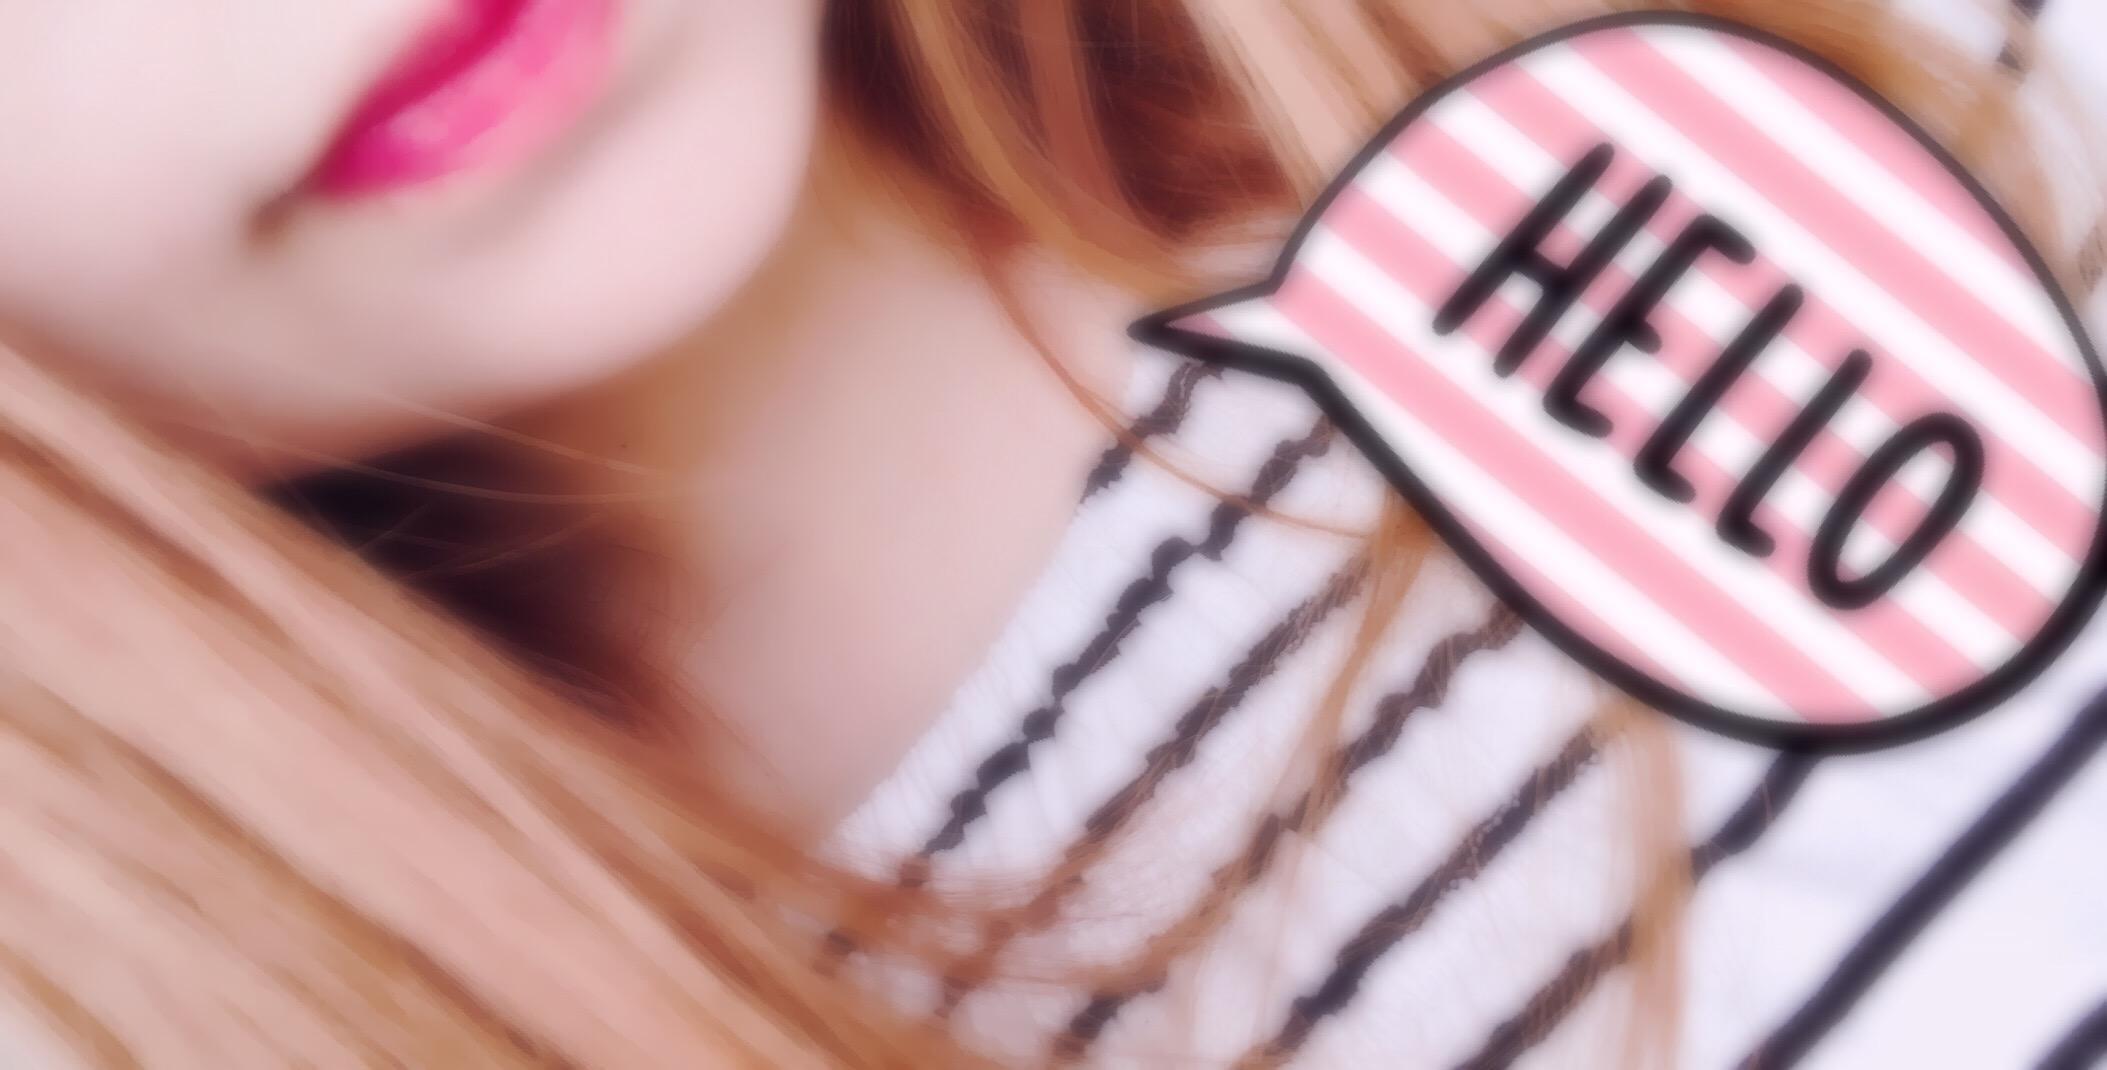 「本日♪」06/13日(水) 23:24 | めい【池袋店】の写メ・風俗動画